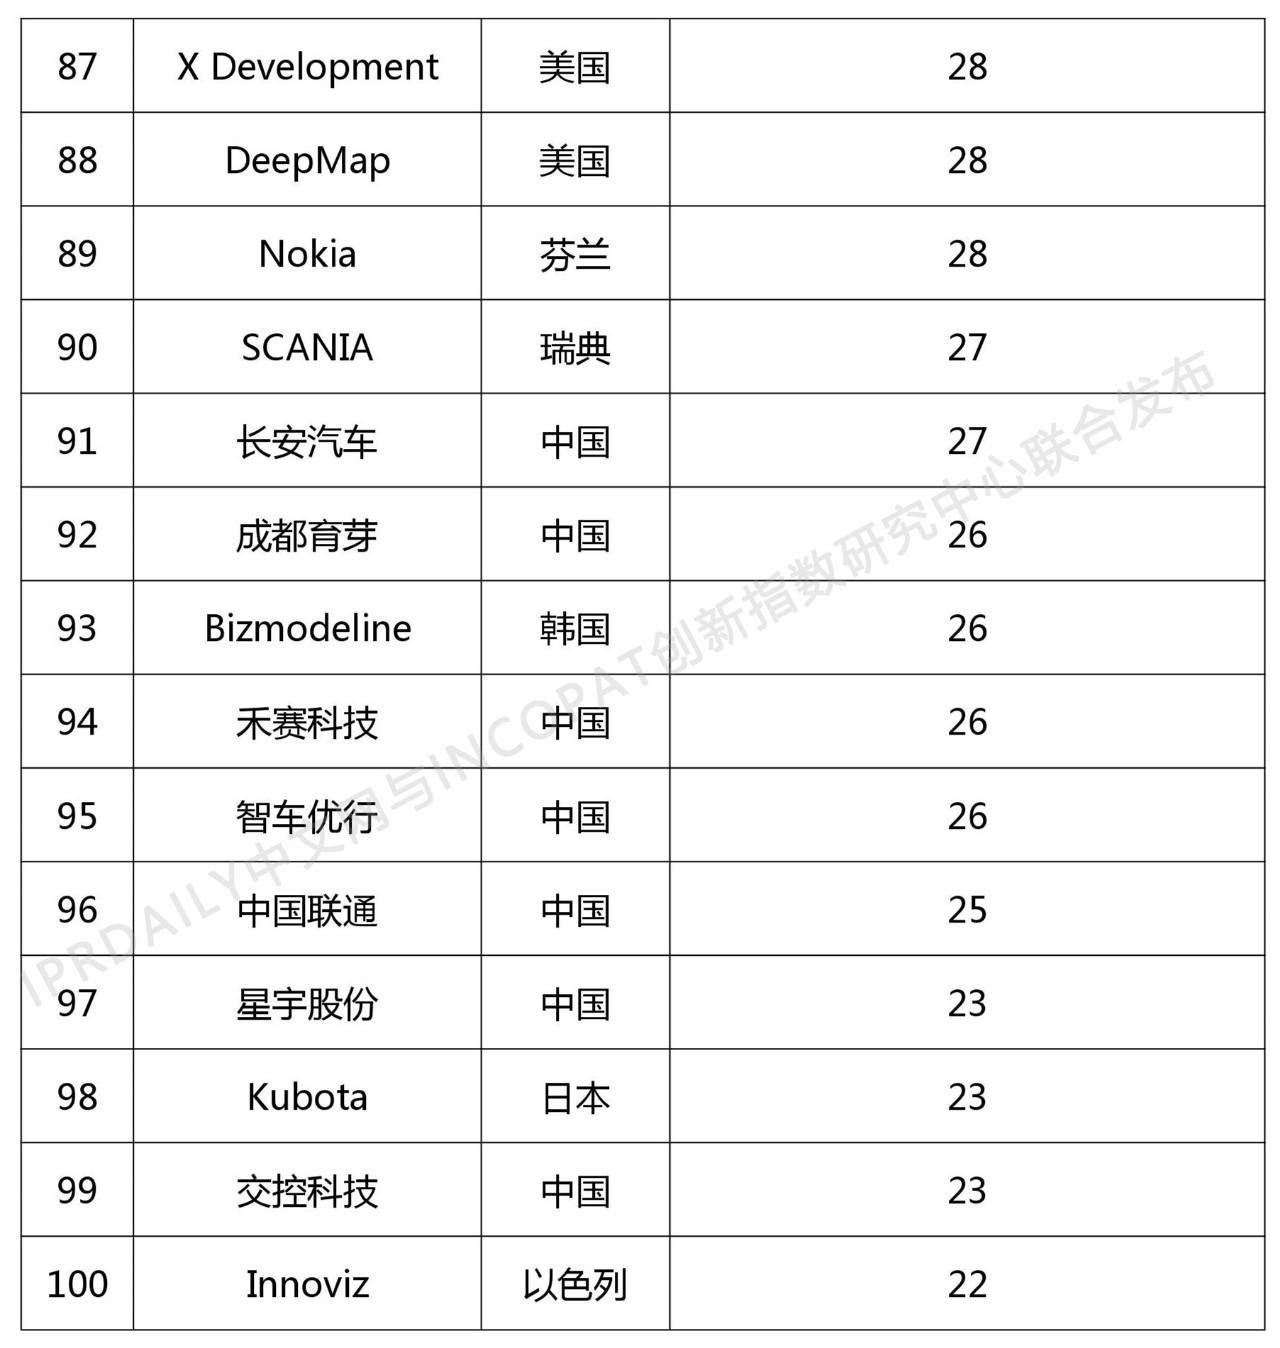 2018年全球自动驾驶技术发明专利排行榜(TOP 100)